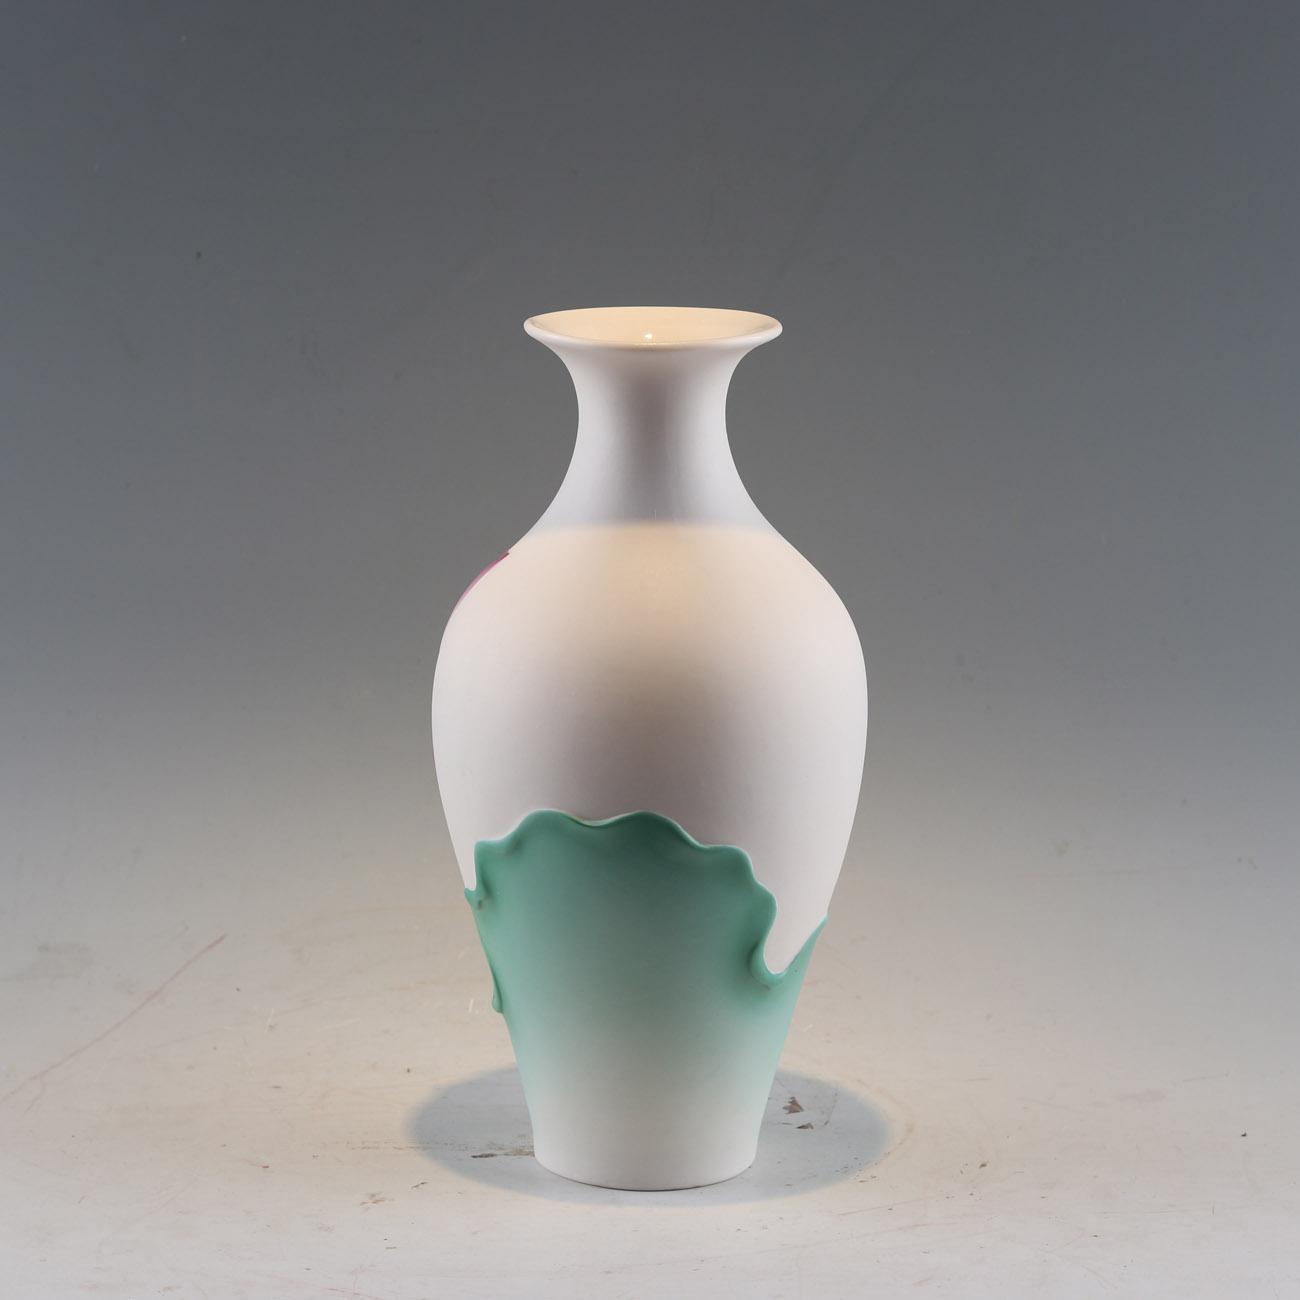 供应陶瓷莲花花瓶中式家居装饰品 4